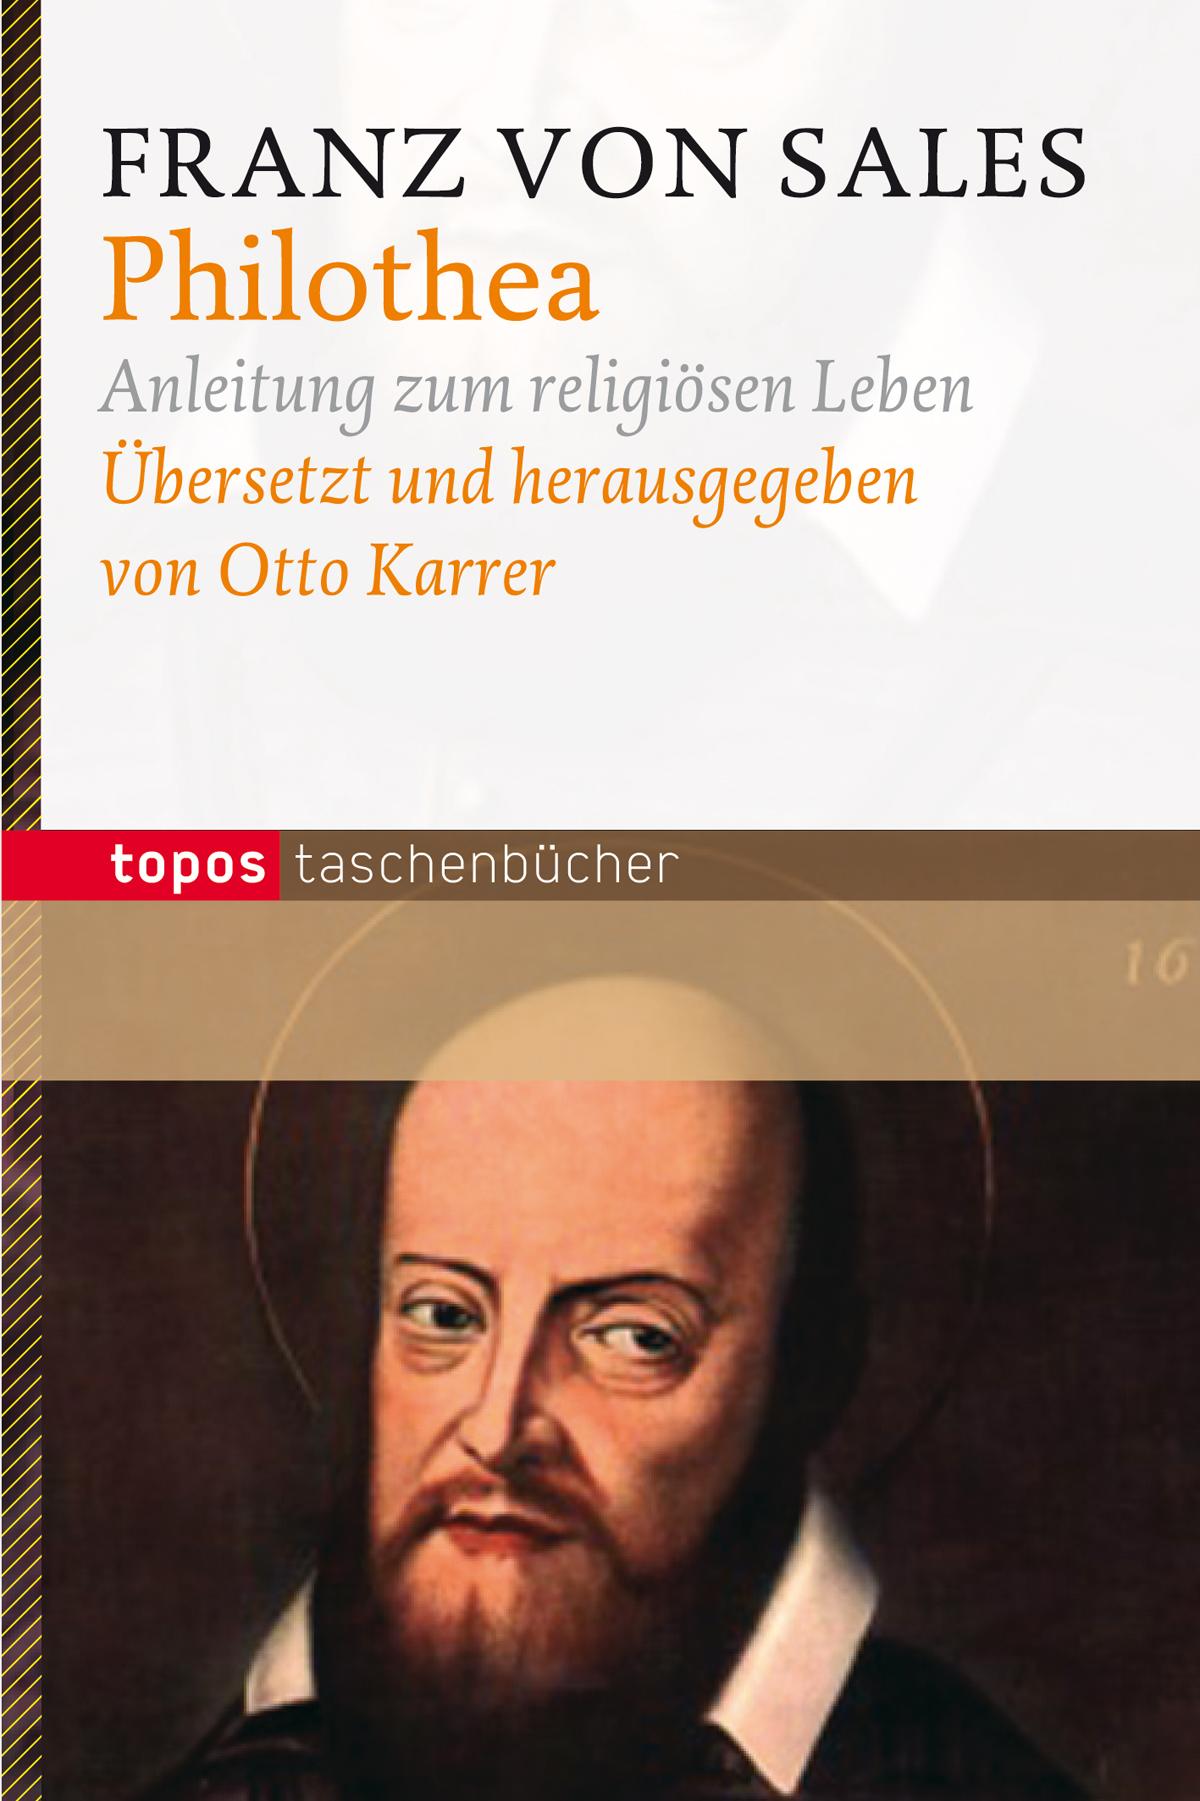 Philothea-Franz-von-Sales